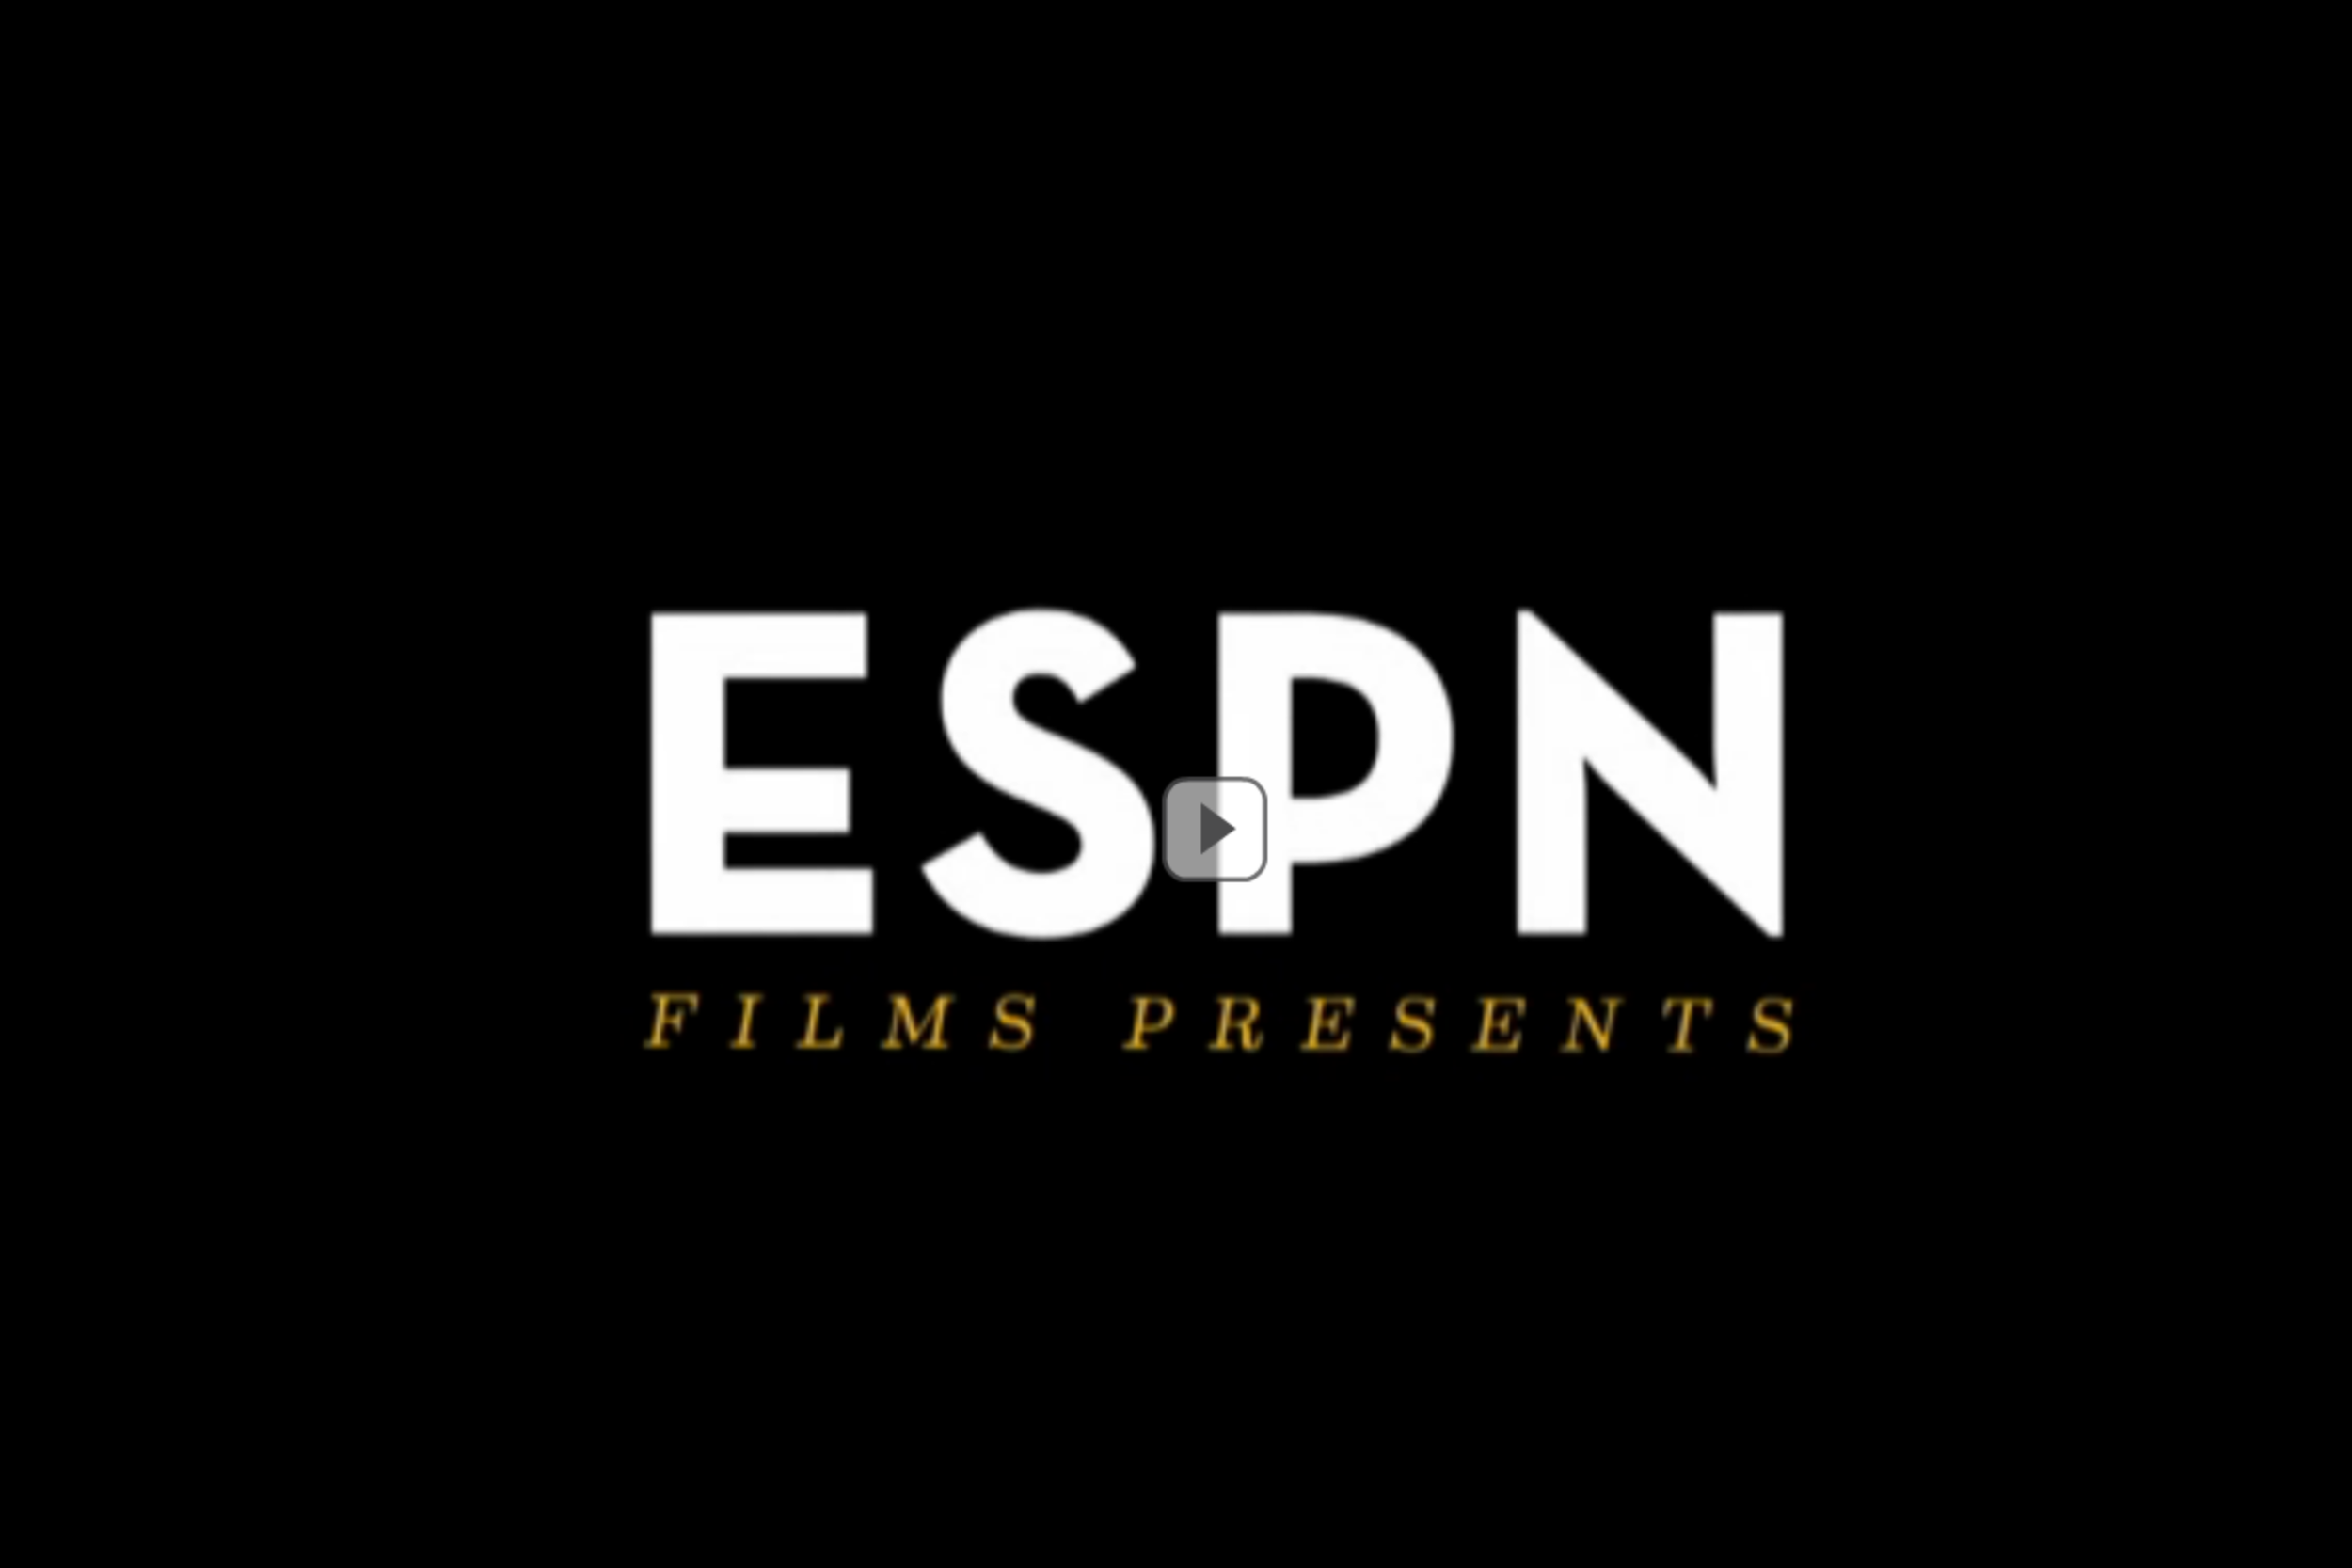 espn documentary